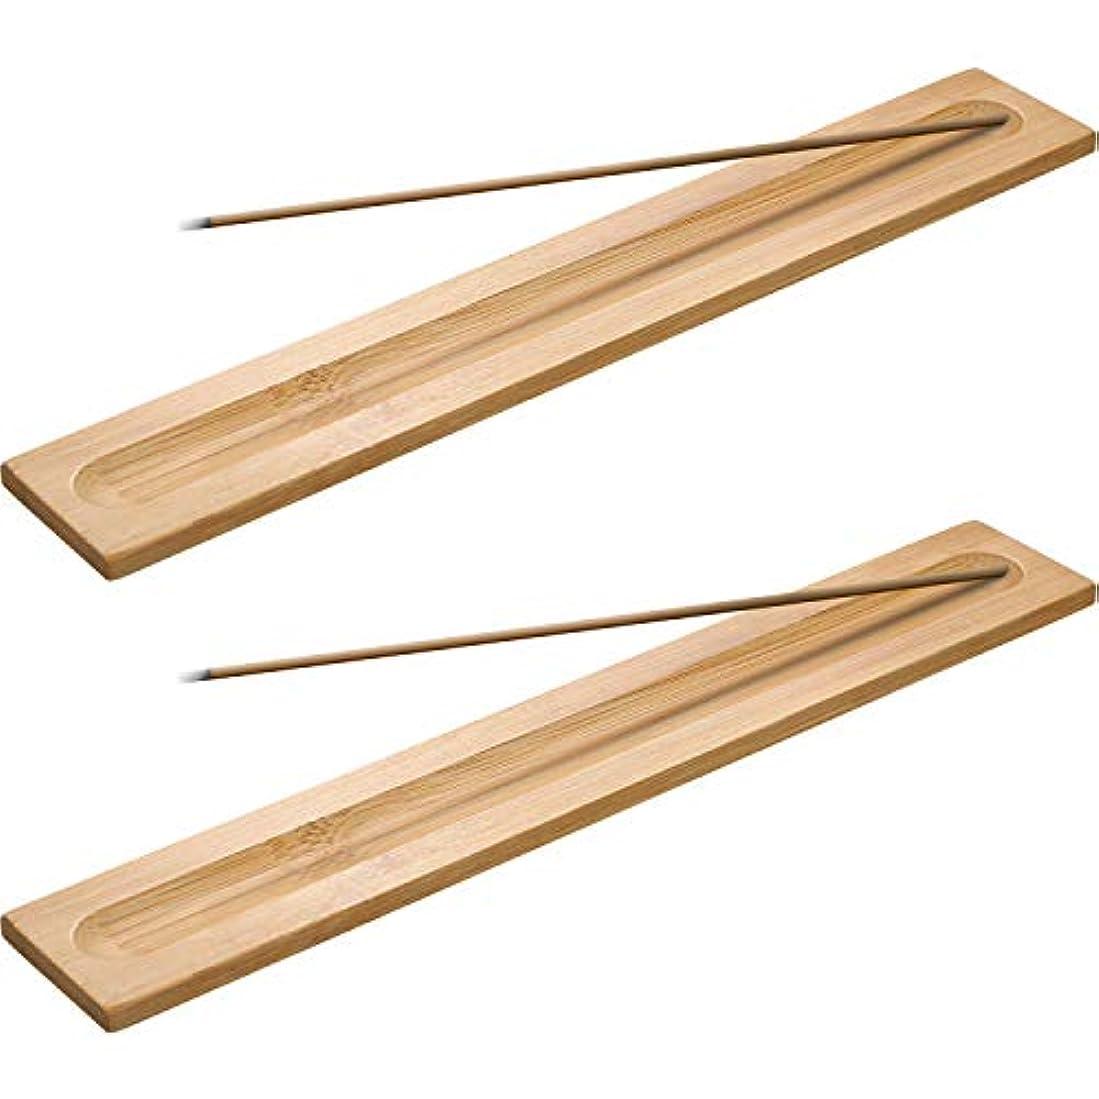 中央値一次注釈Boao 竹製お香スティックホルダー 香炉 アッシュキャッチャー 5本 長さ9.06インチ